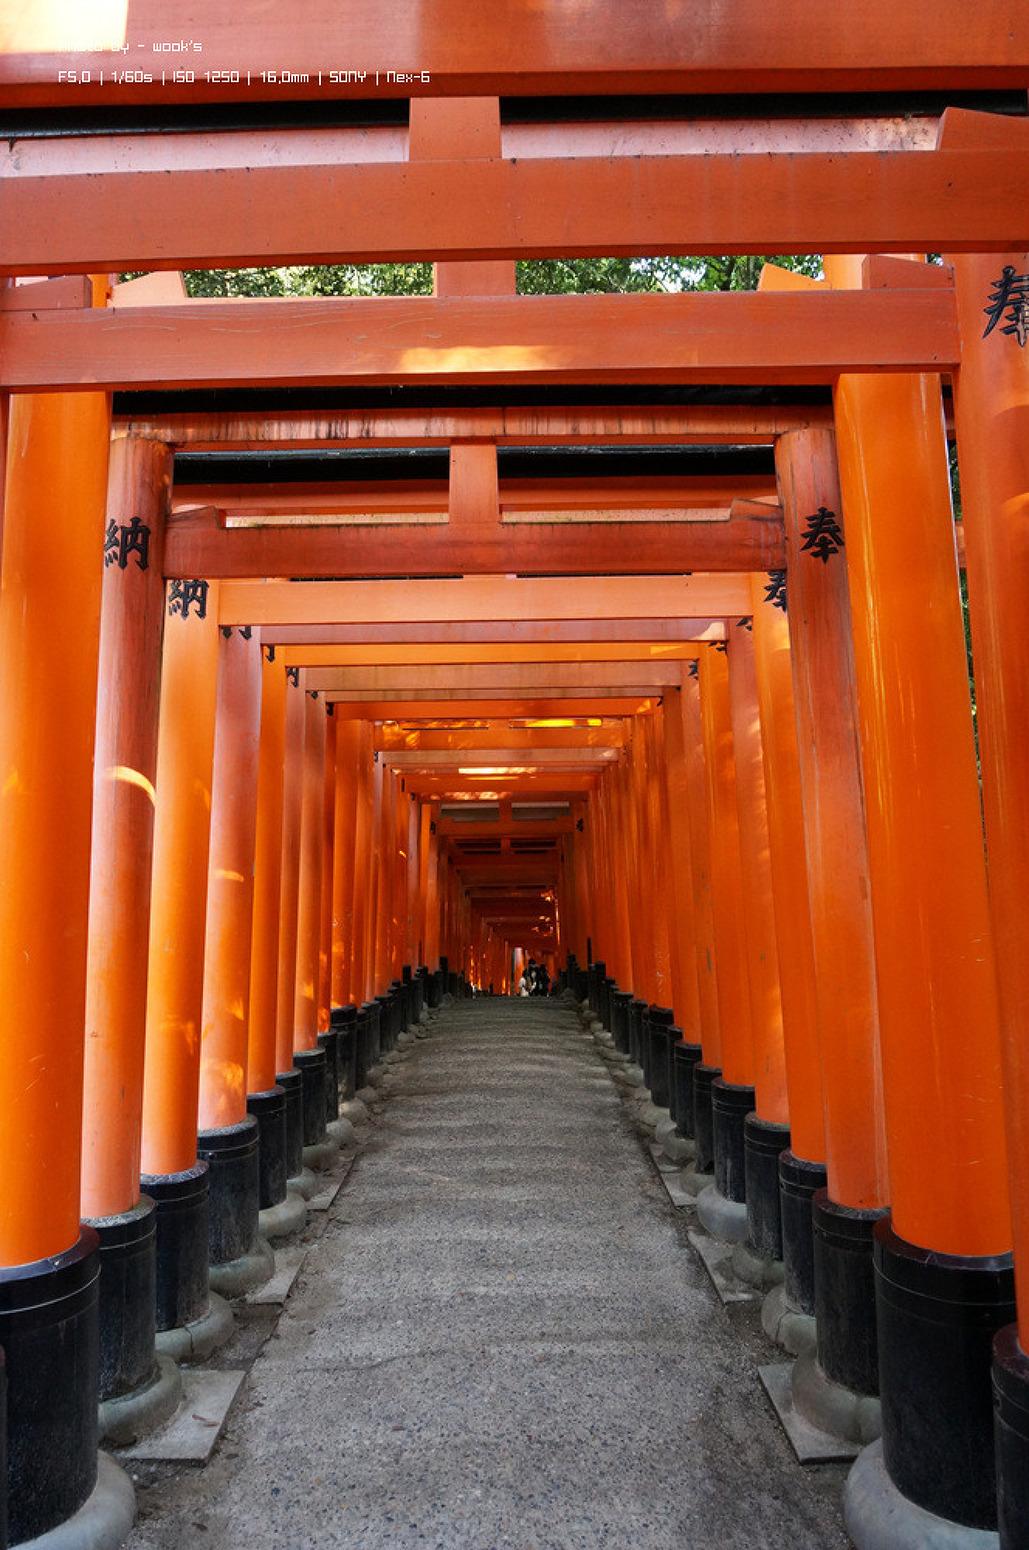 오사카를 가자 - 신혼여행 5일차. 교토